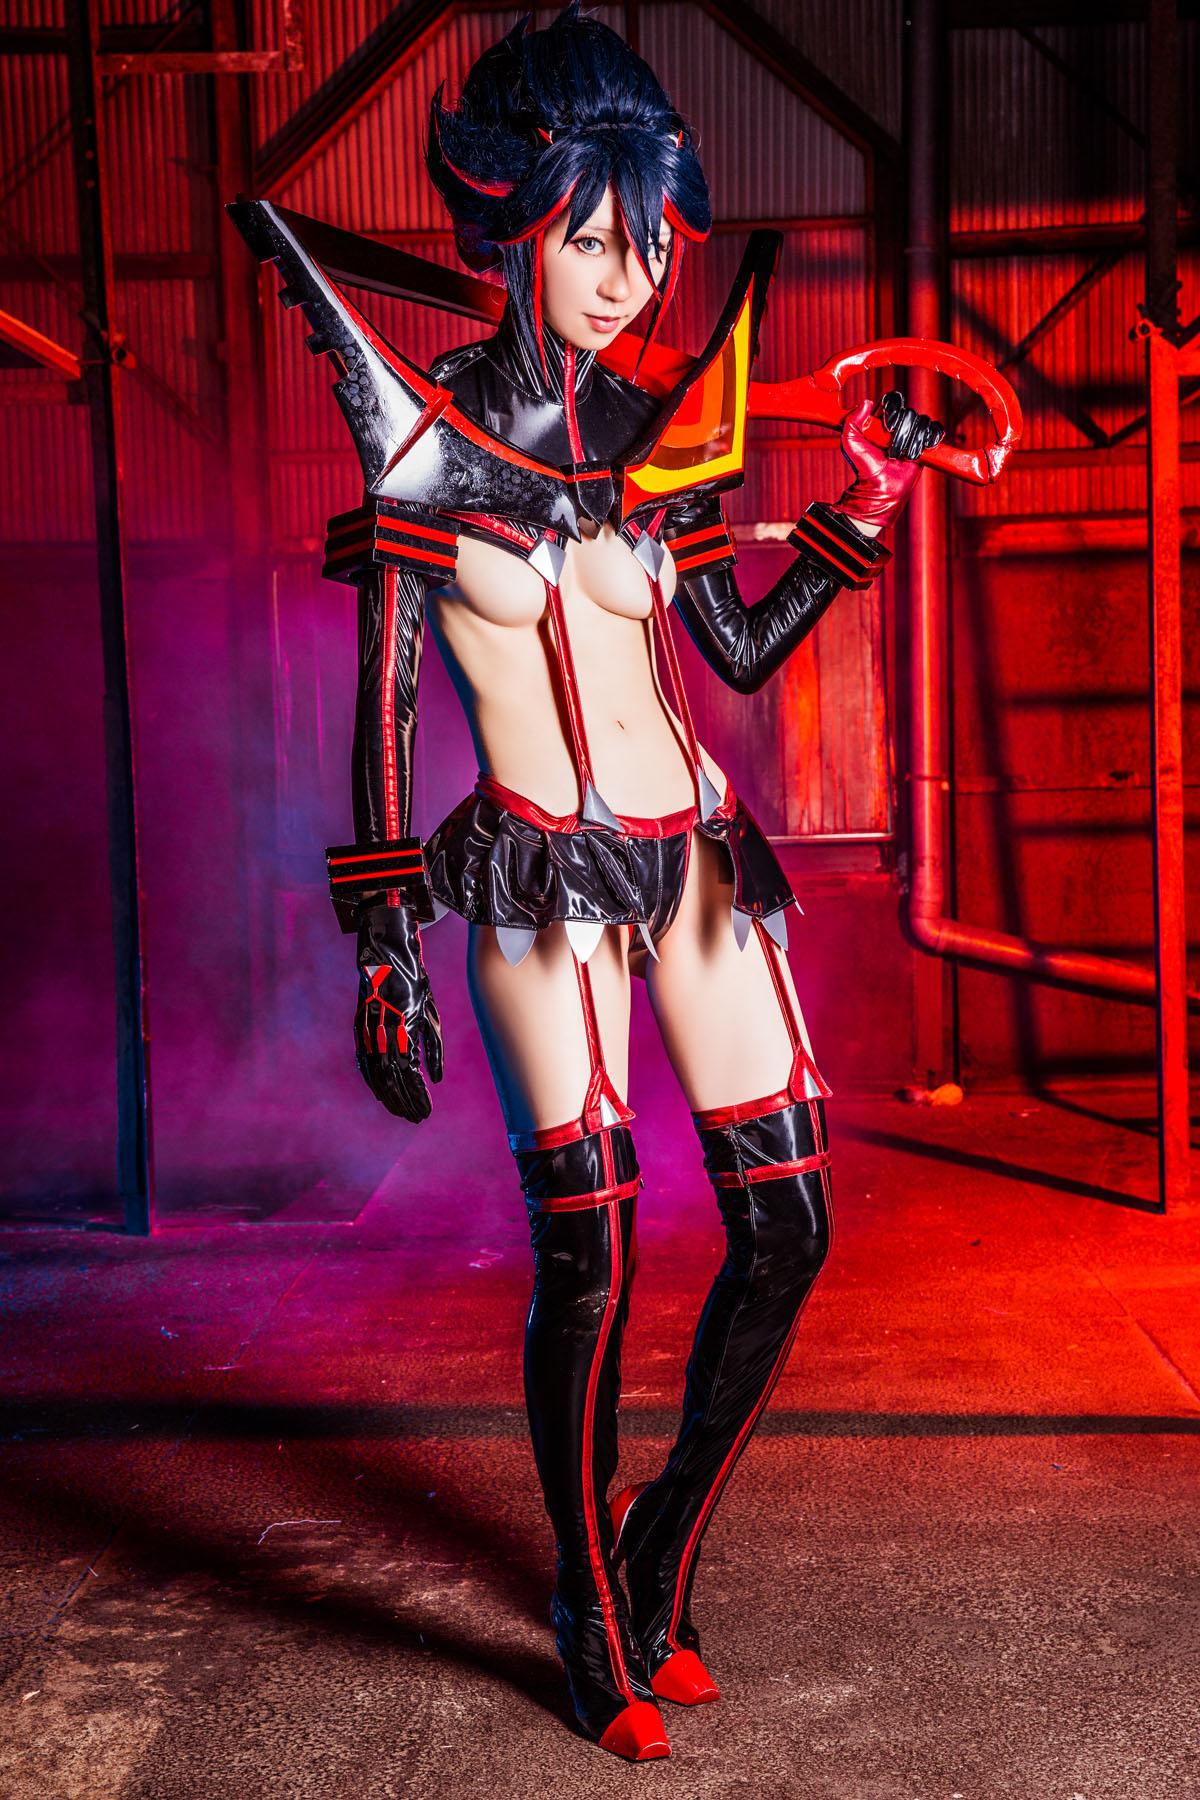 Kill la Kill Ryuuko Matoi anime cosplay by Mikehouse 0070